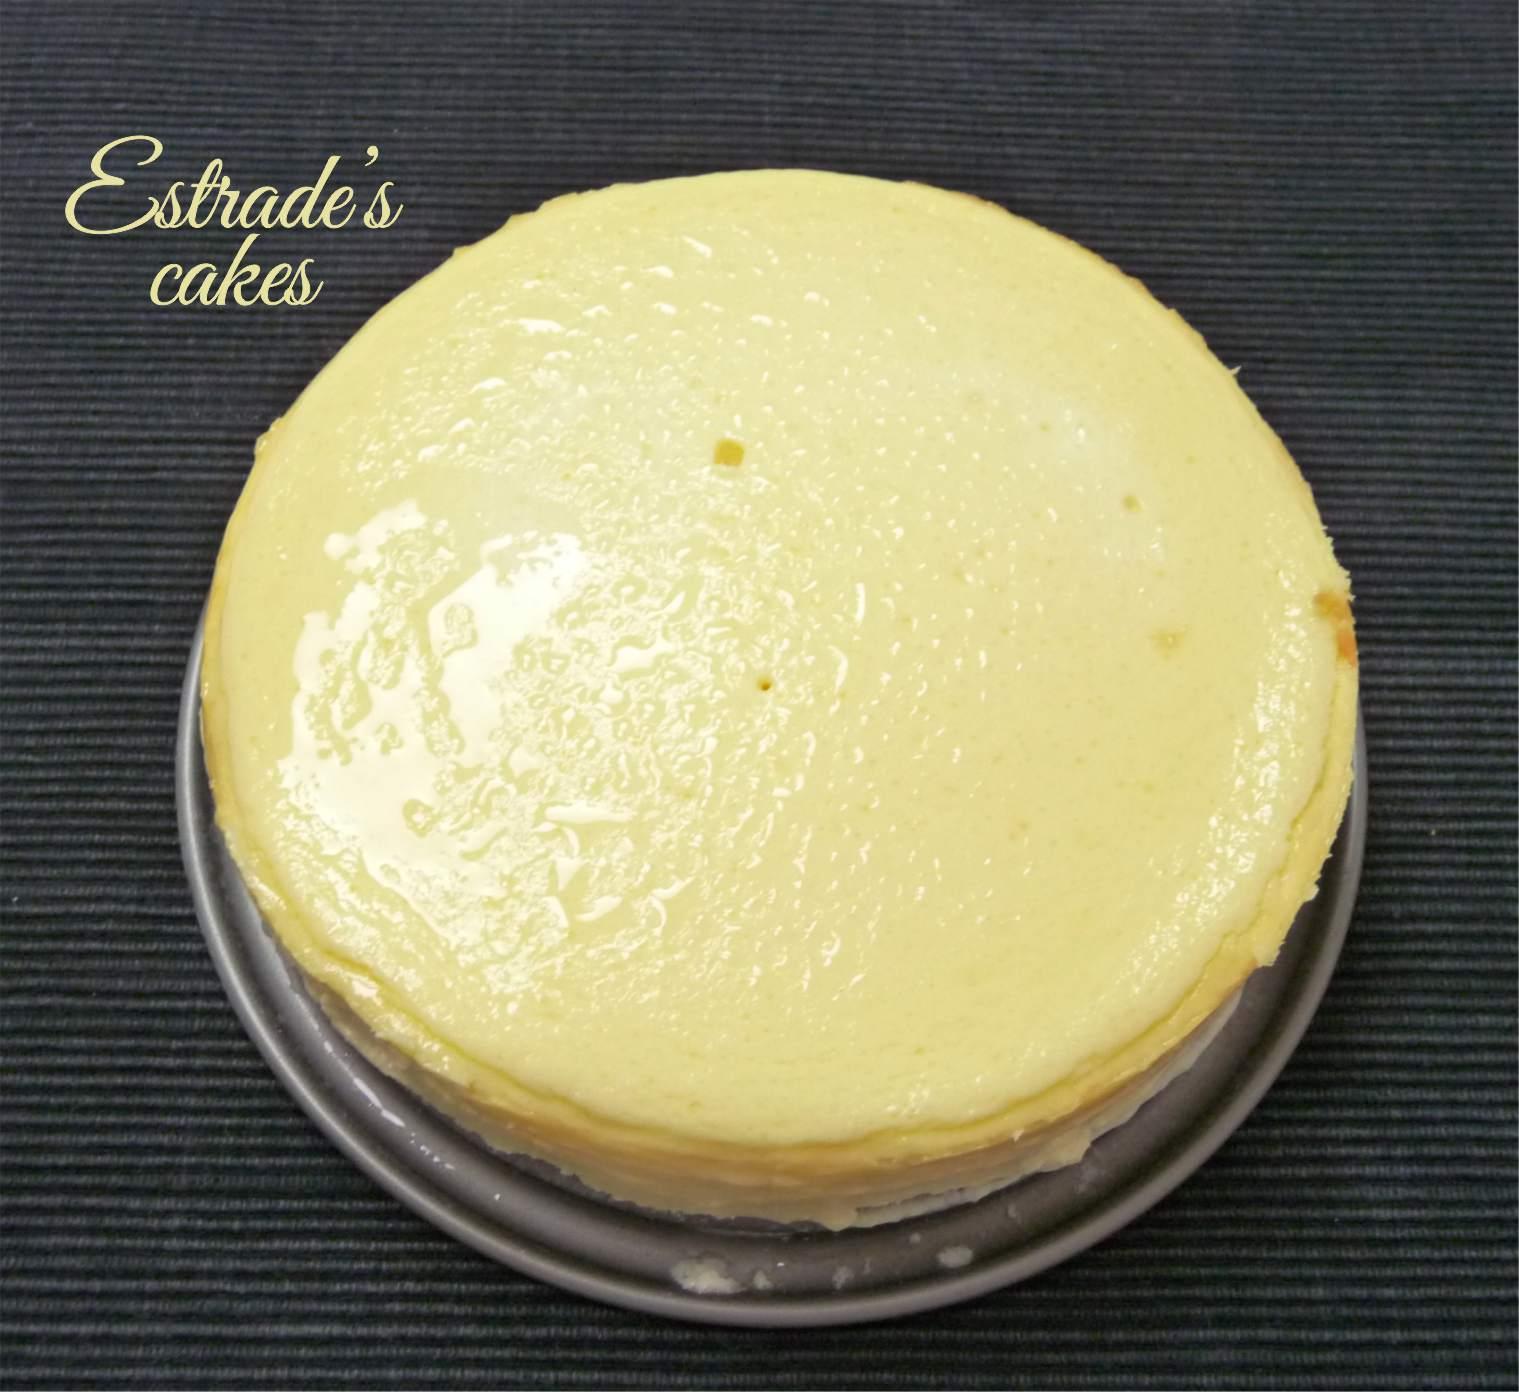 receta de redvelvet cheesecake - tarta de queso